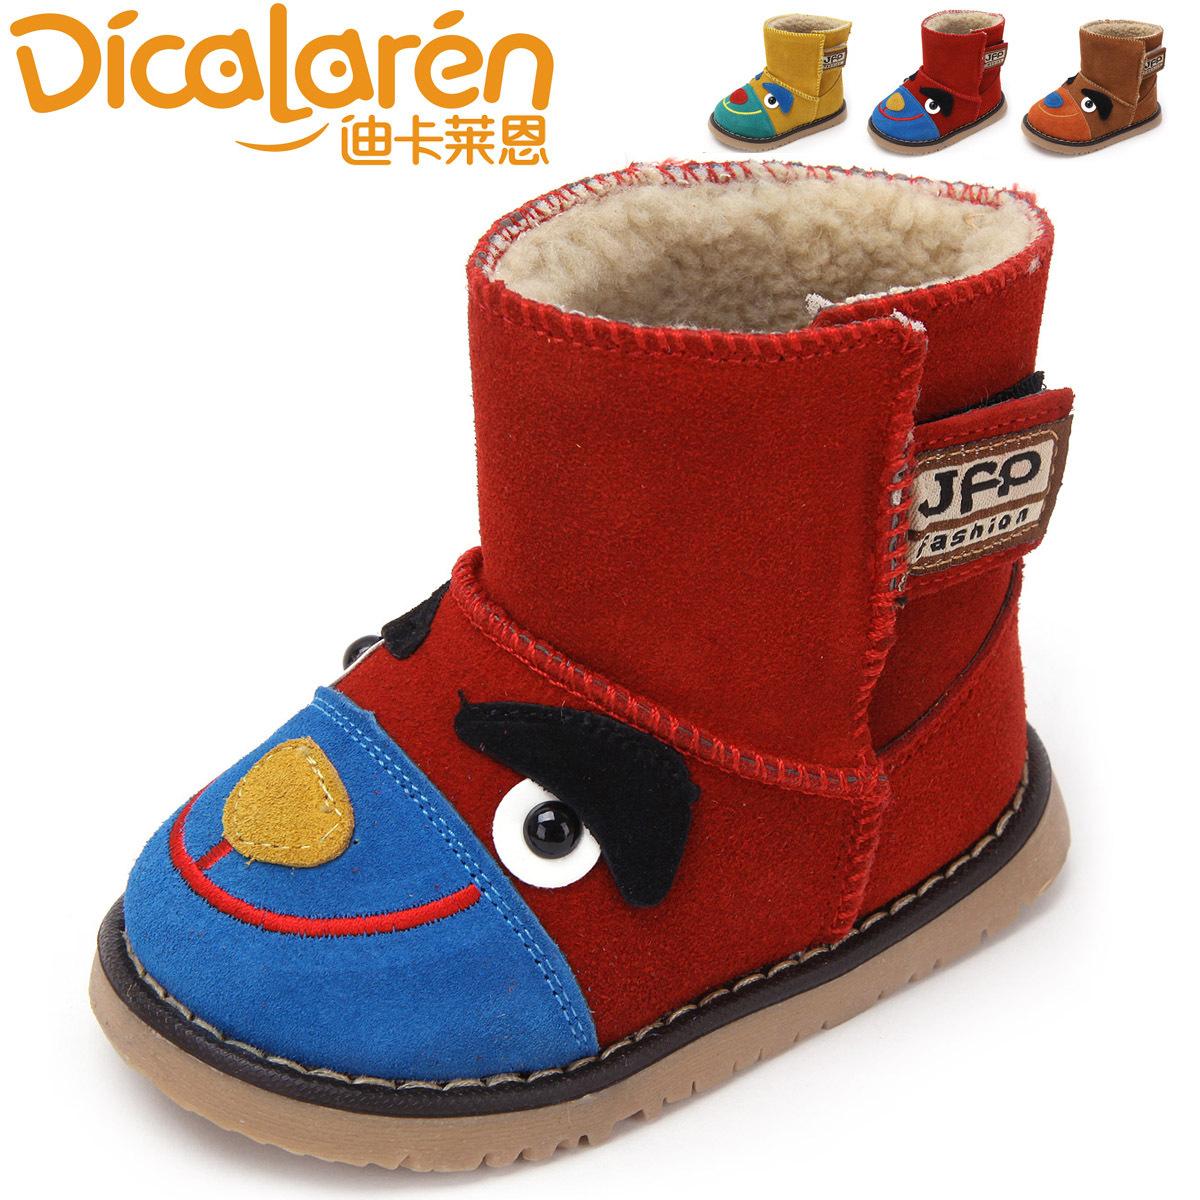 品牌正品靴子男童女童卡通动物时尚百搭春秋季软底磨砂雪地靴小童图片